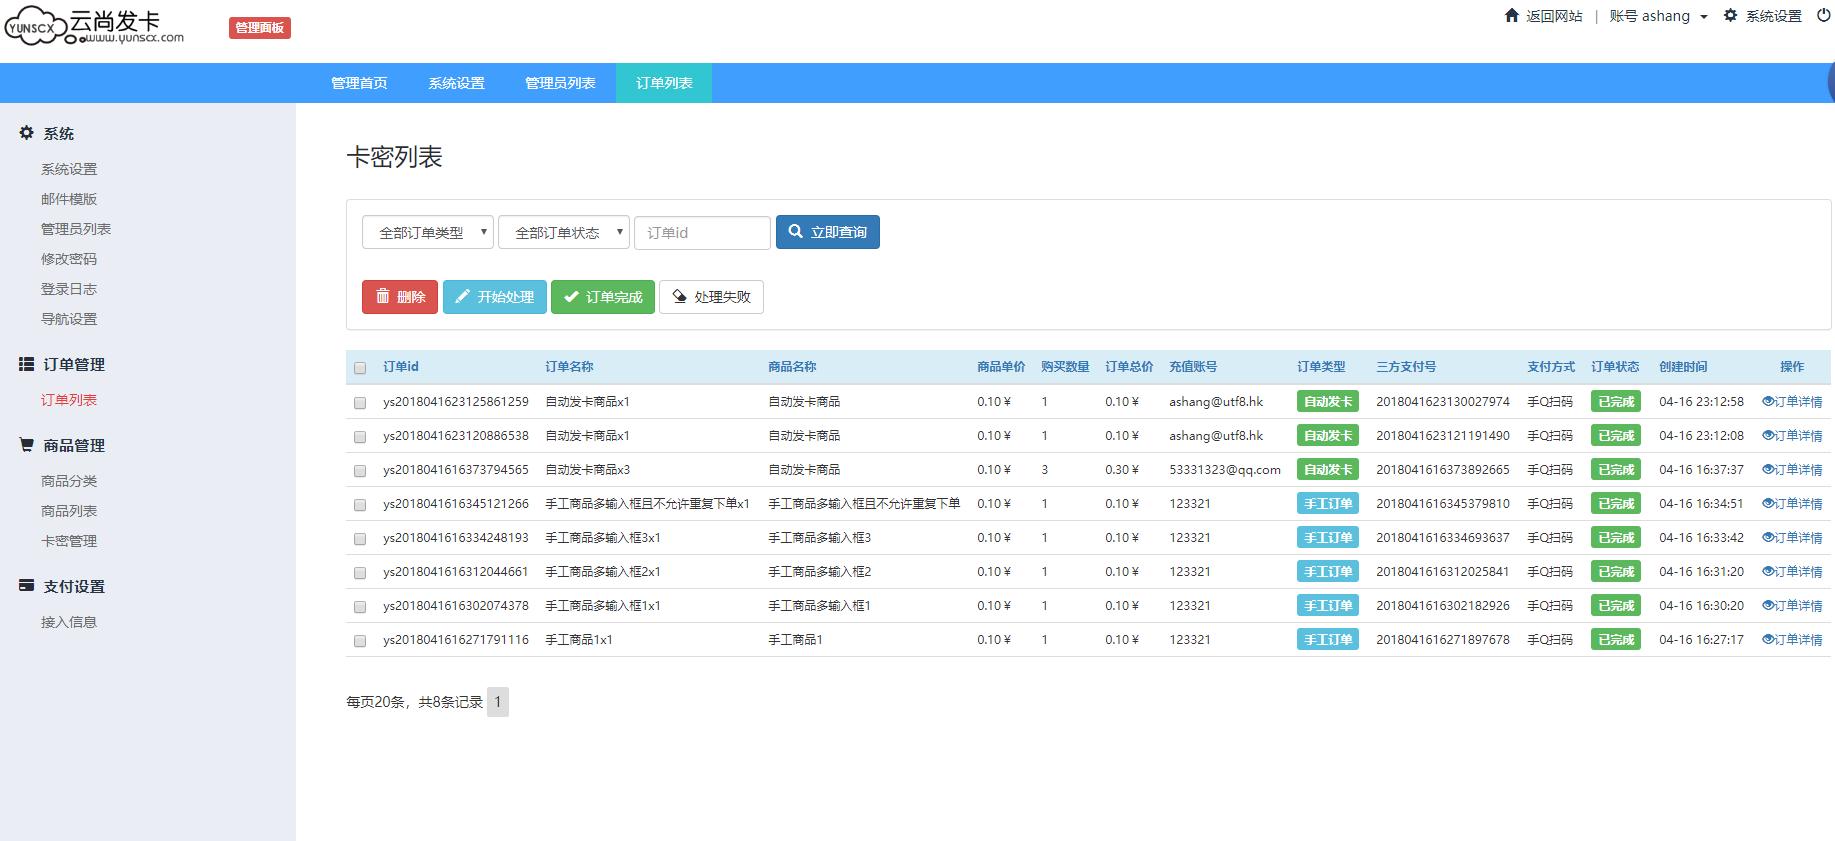 #源码推荐# 云尚发卡系统:开源自动发卡平台